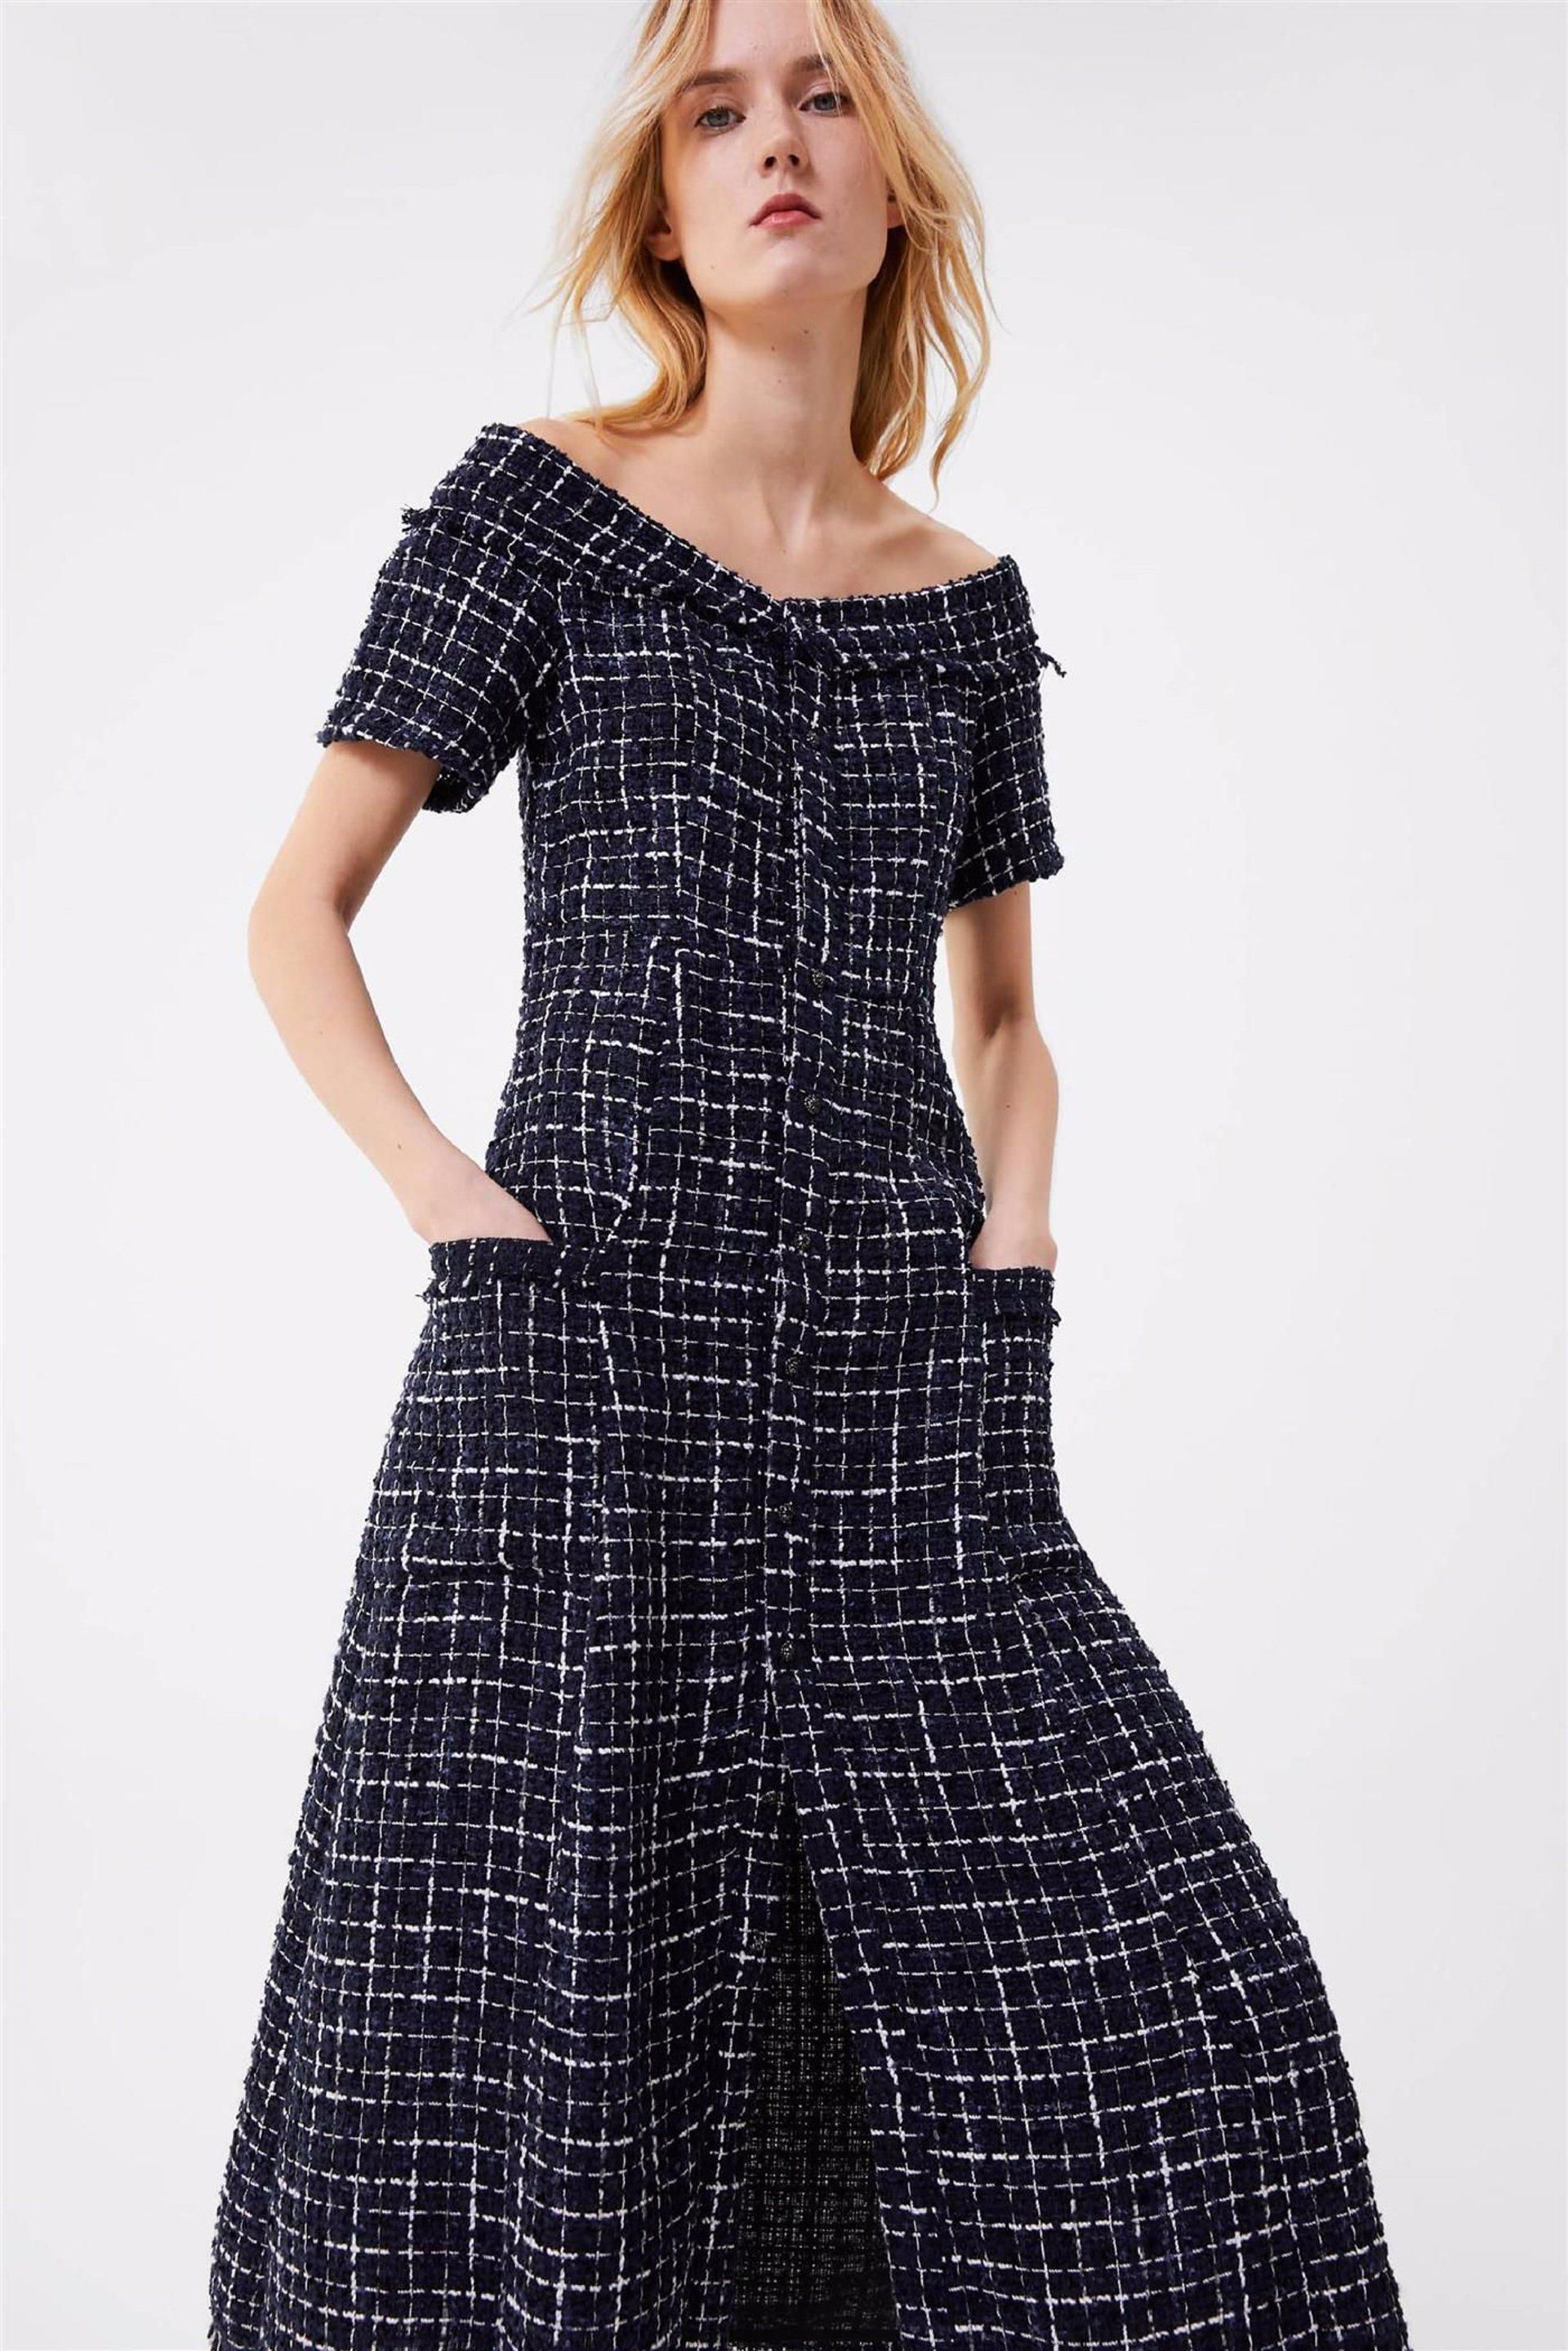 tecnologías sofisticadas real mejor valorado salida de fábrica Zara: 5 vestidos por 10 euros, incluido el de la Reina Letizia